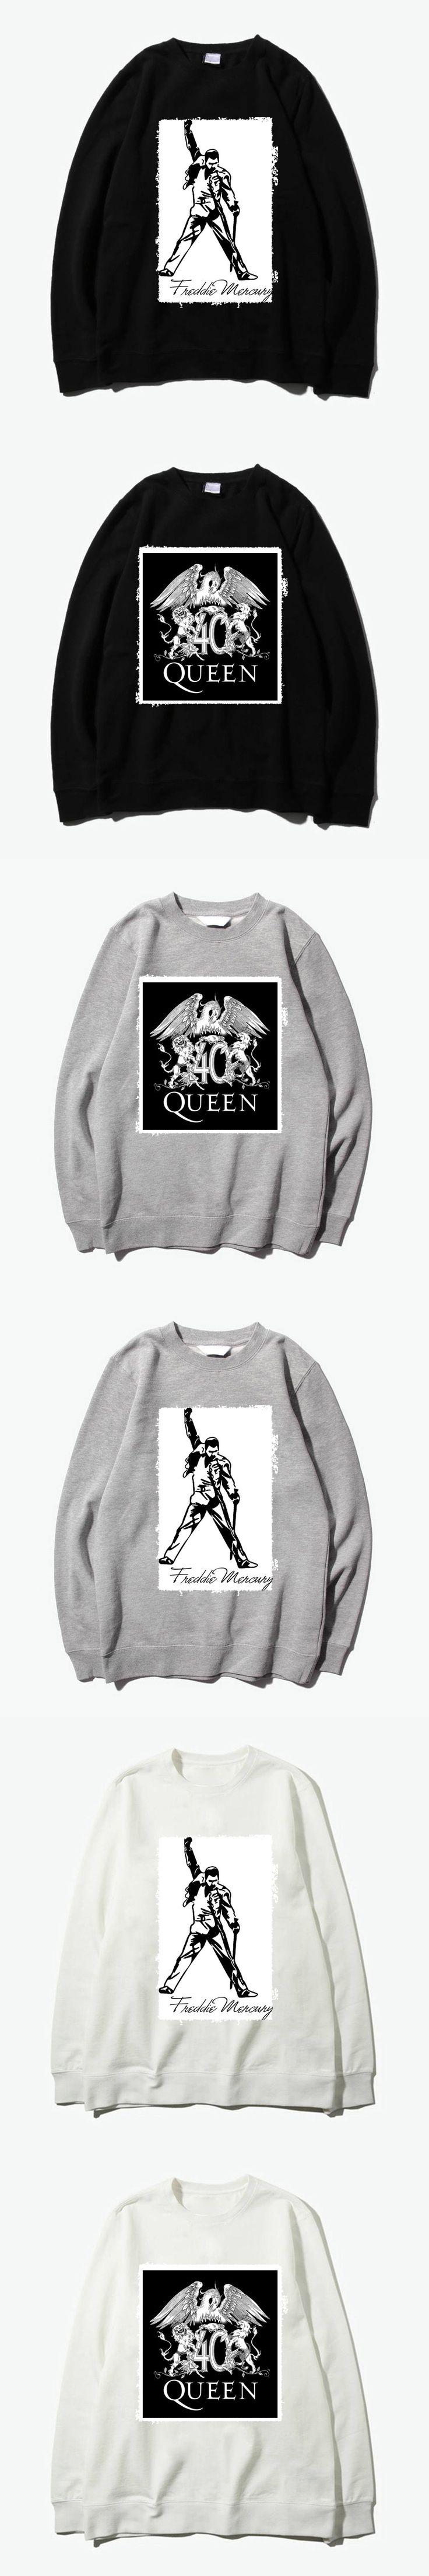 queen freddie killer queen rock band patchwork design o neck sweatshirt